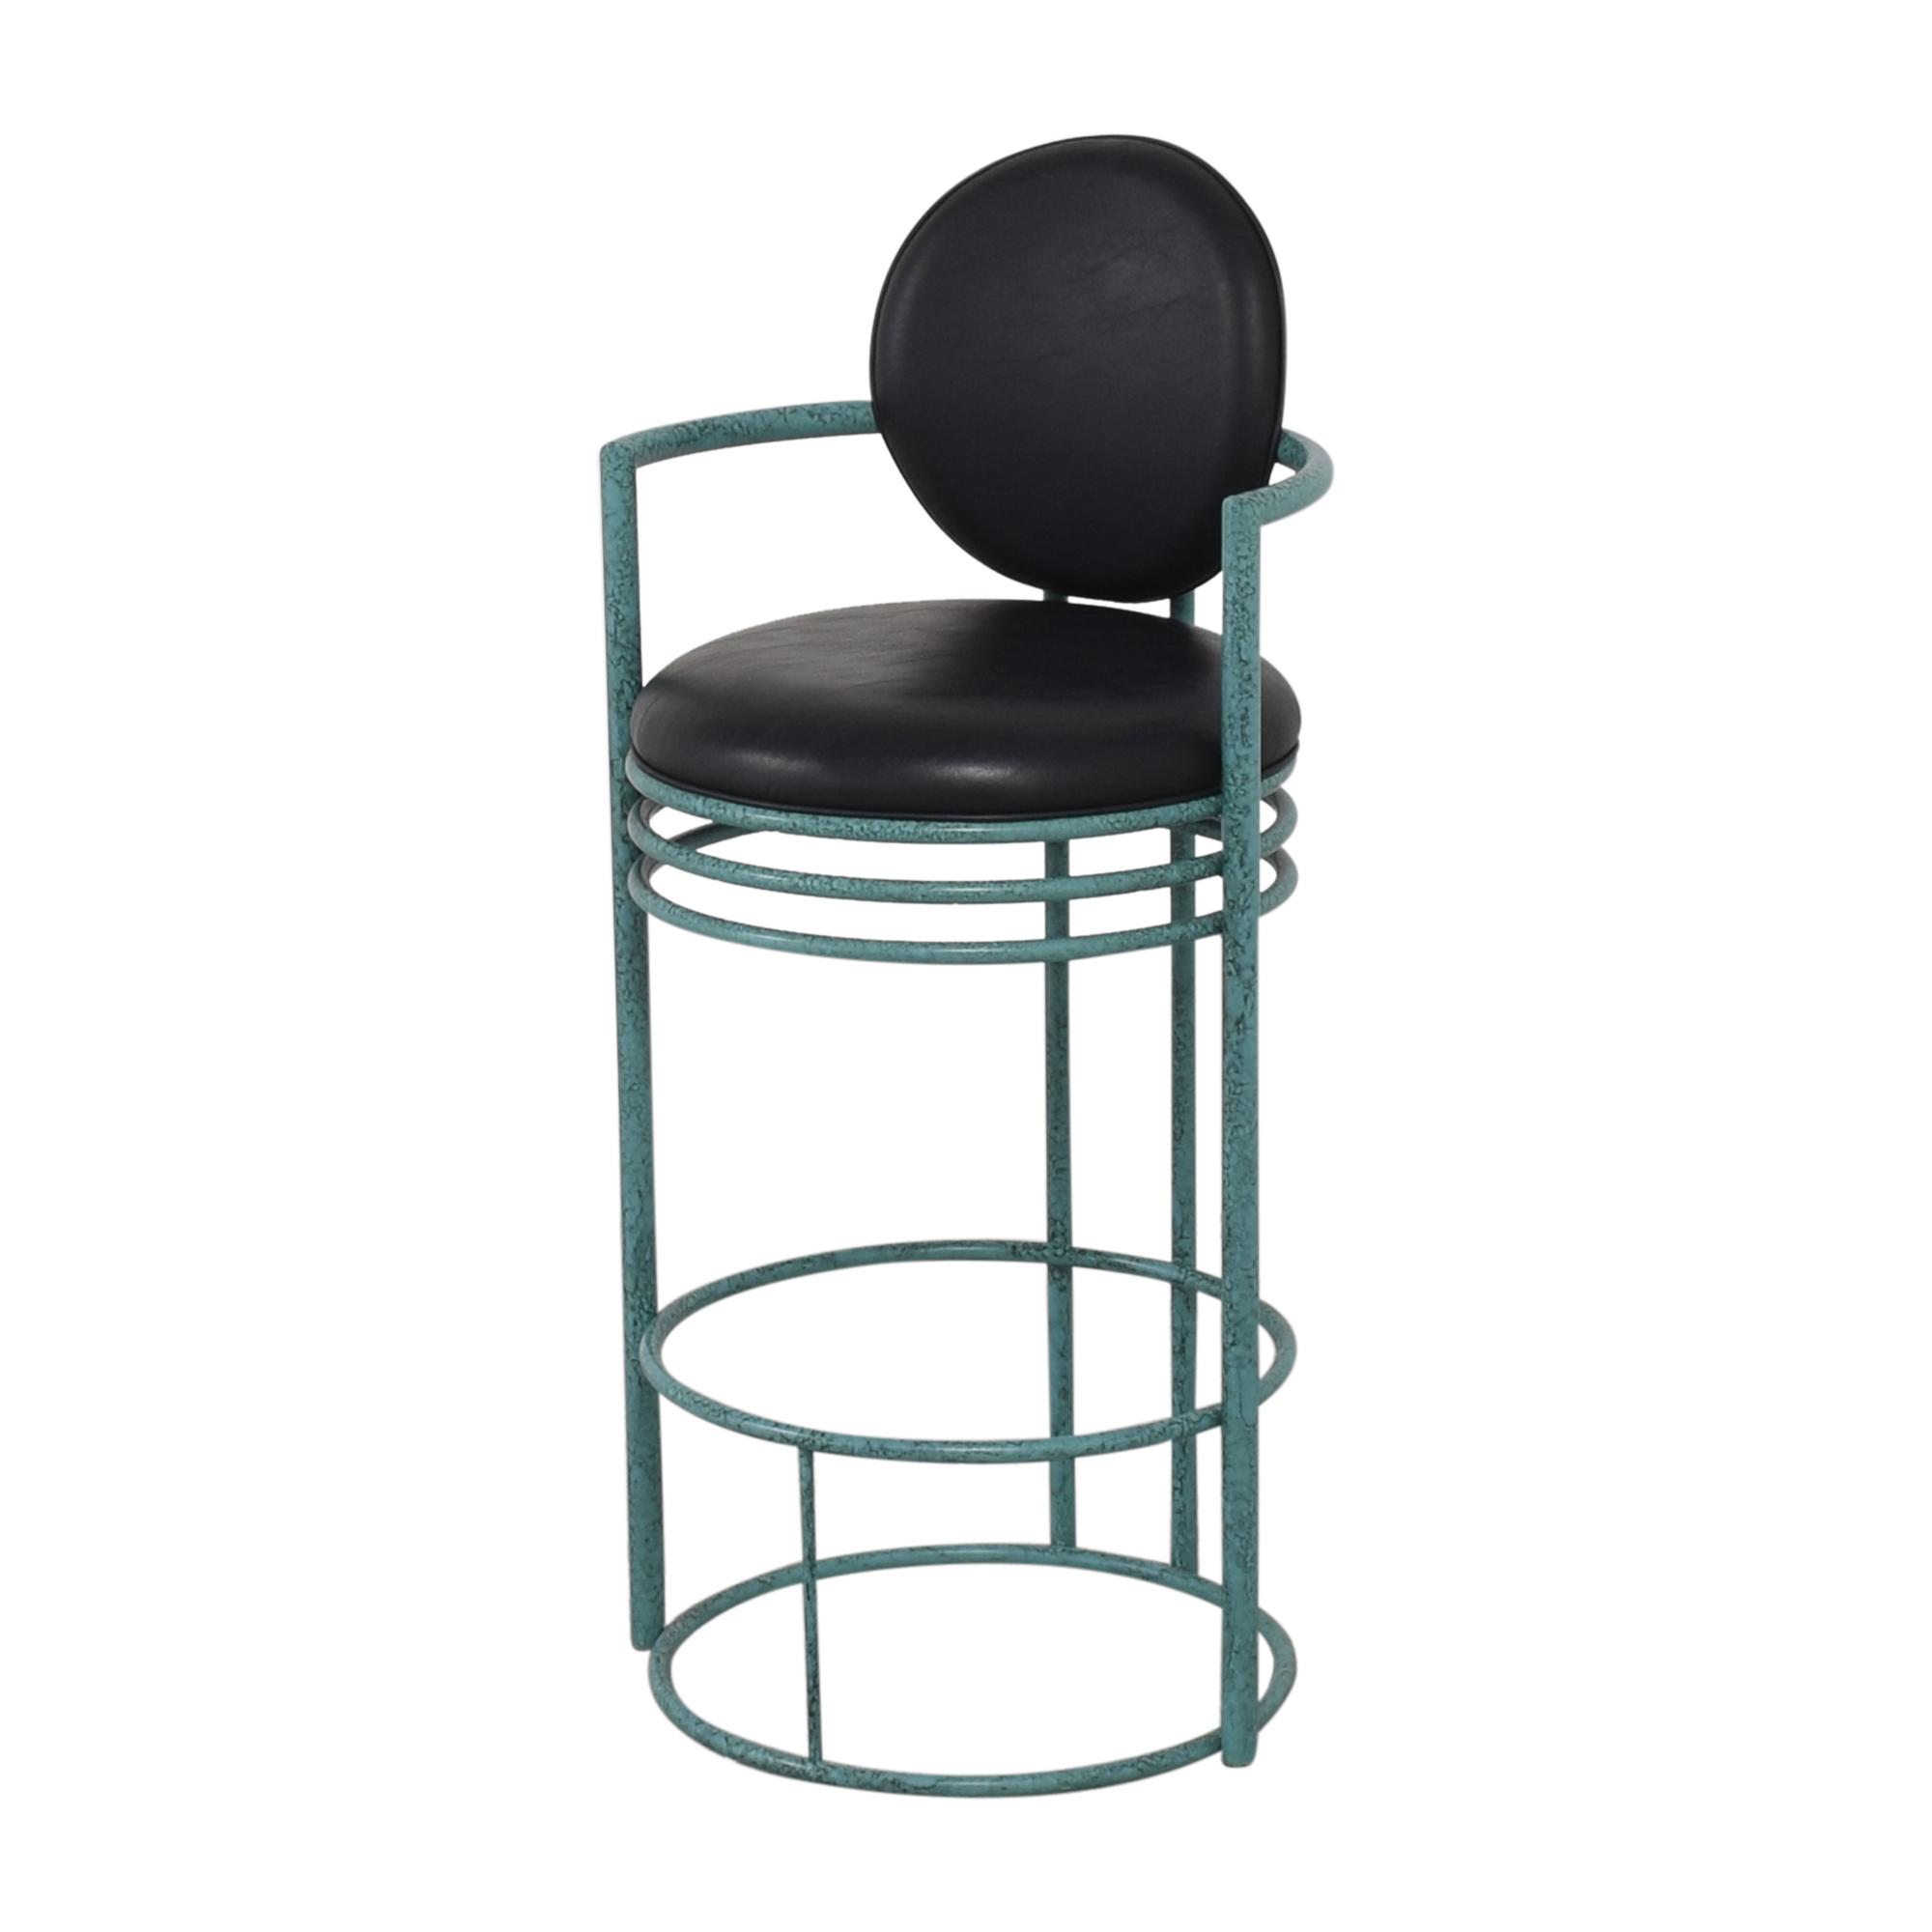 buy Design Institute America Bar Stools Design Institute America Dining Chairs